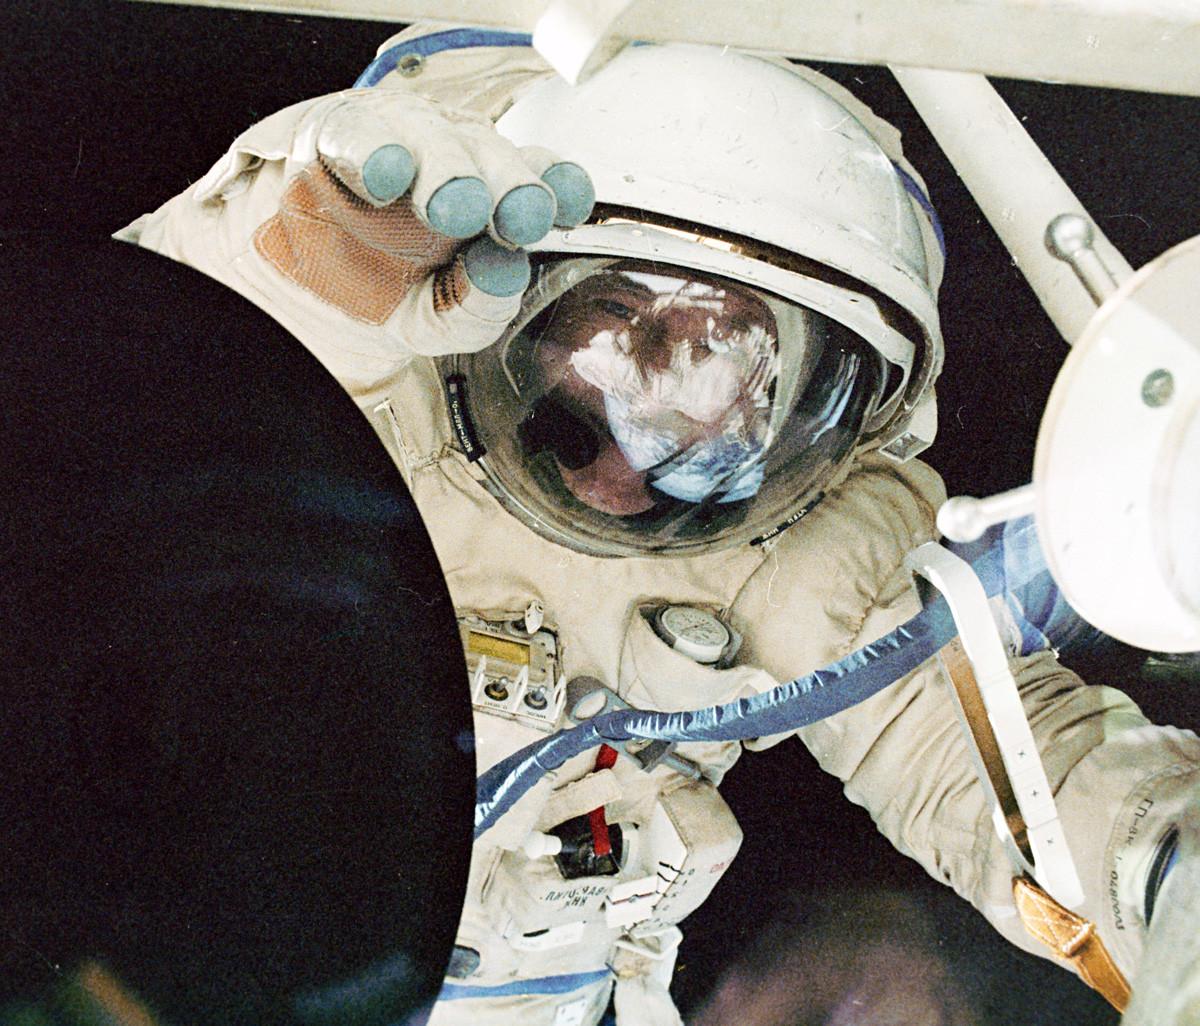 宇宙空間でのフランスの宇宙飛行士、ジャン=ルー・クレティアン。